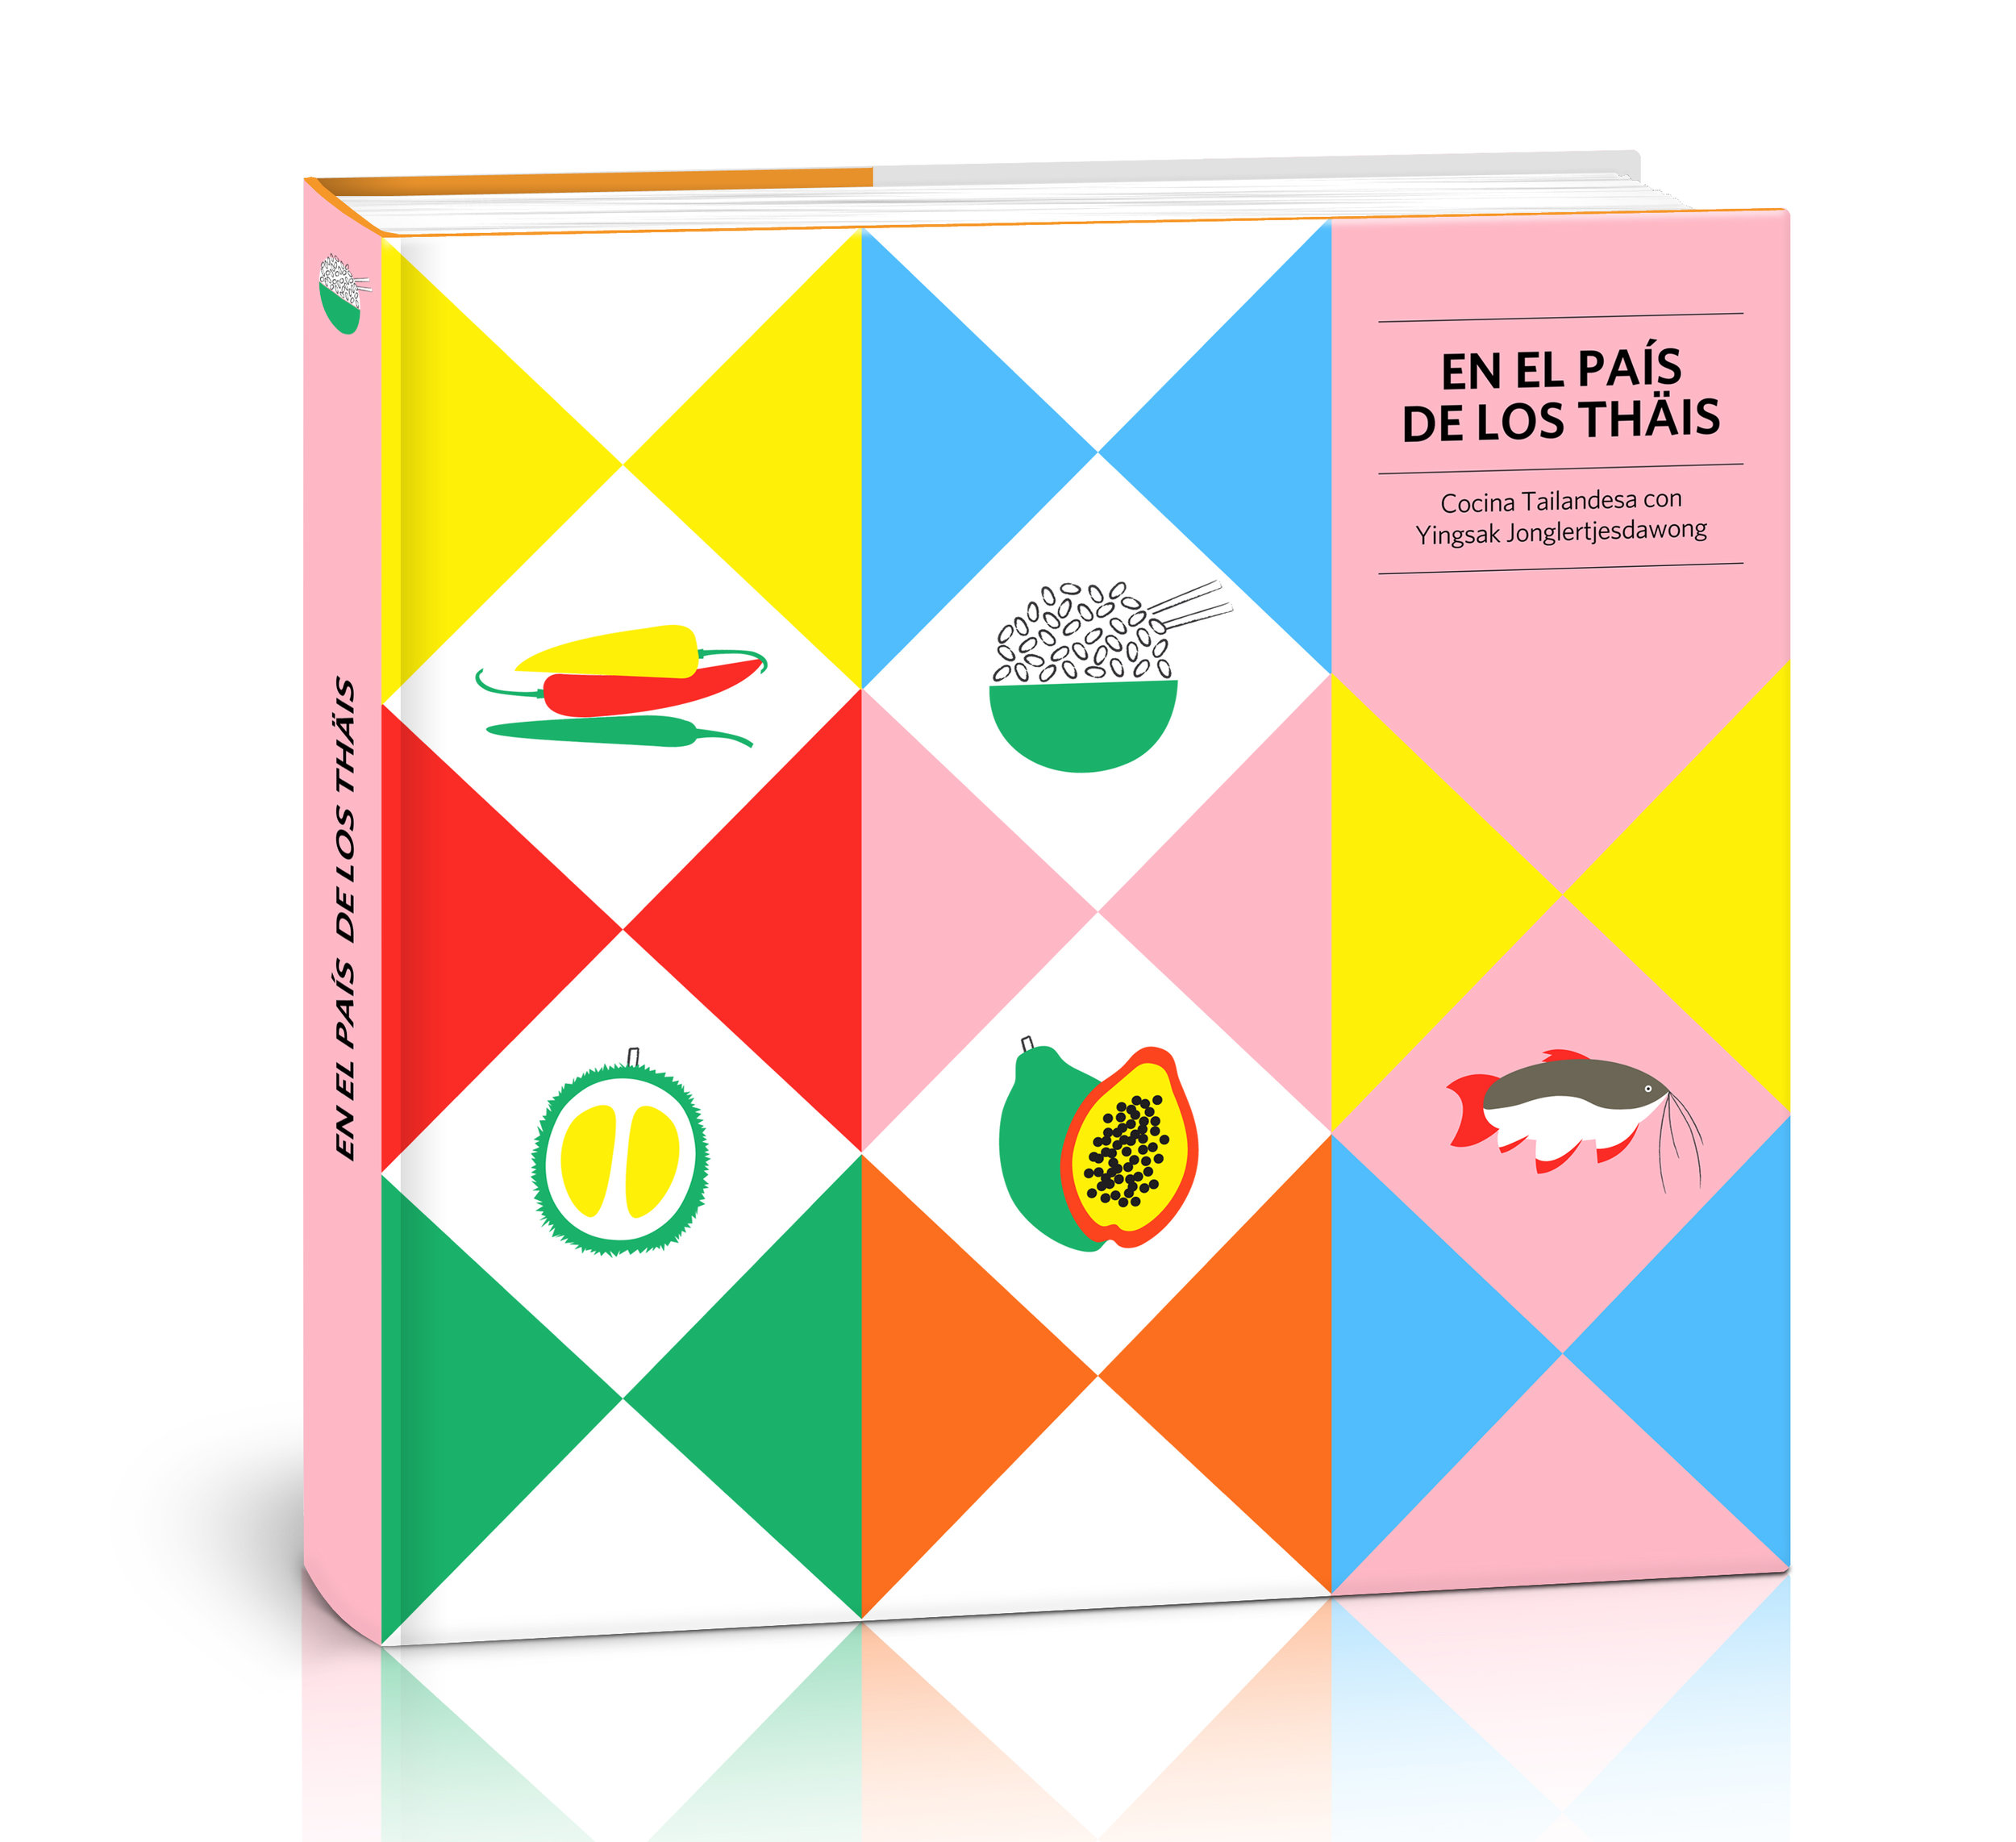 cubierta para libro de cocina thai para editora anja naumann barcelona.jpg